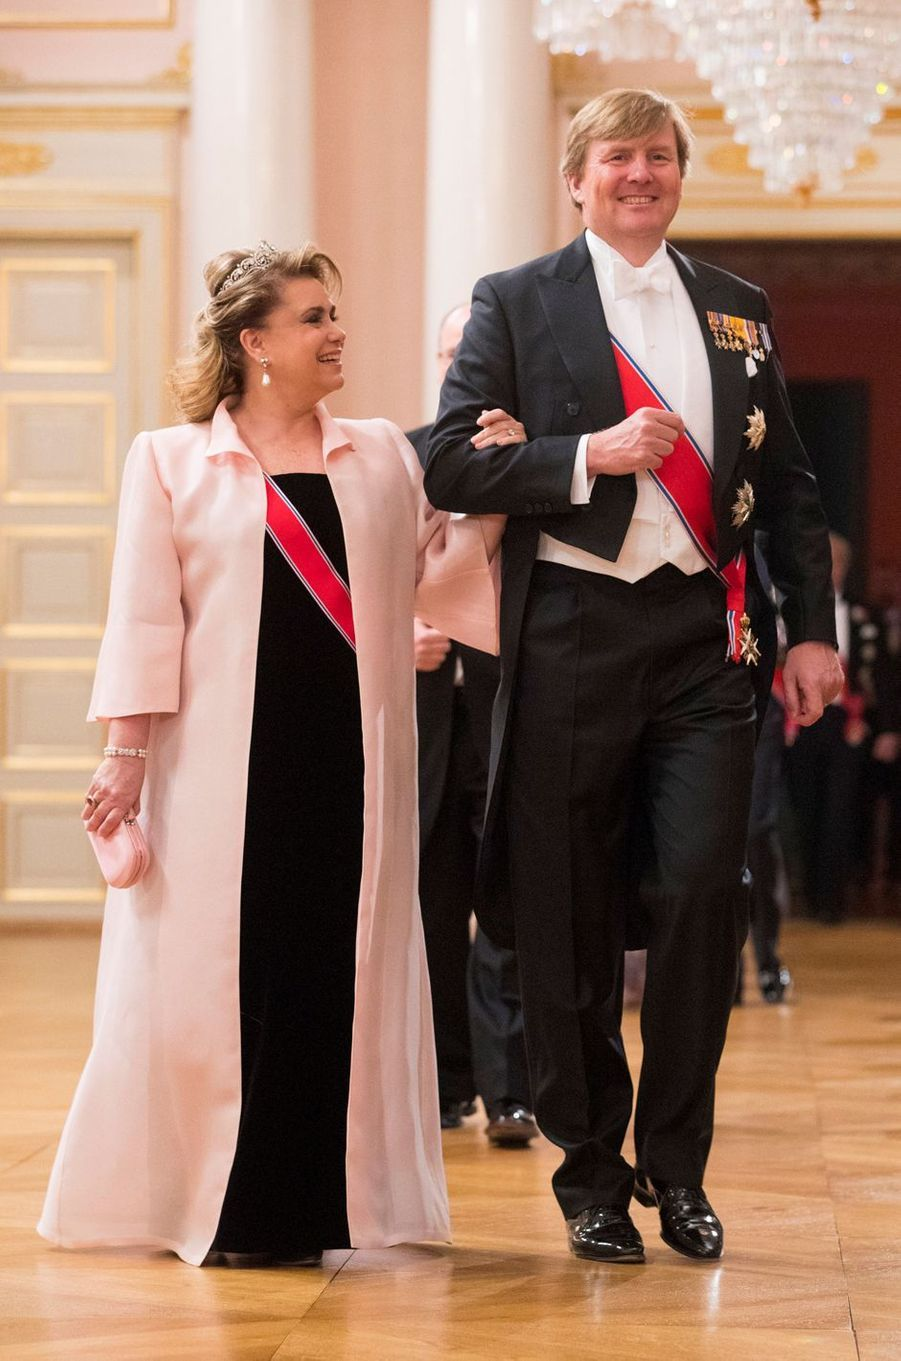 La grande-duchesse Maria Teresa de Luxembourg et le roi Willem-Alexander des Pays-Bas à Oslo, le 9 mai 2017